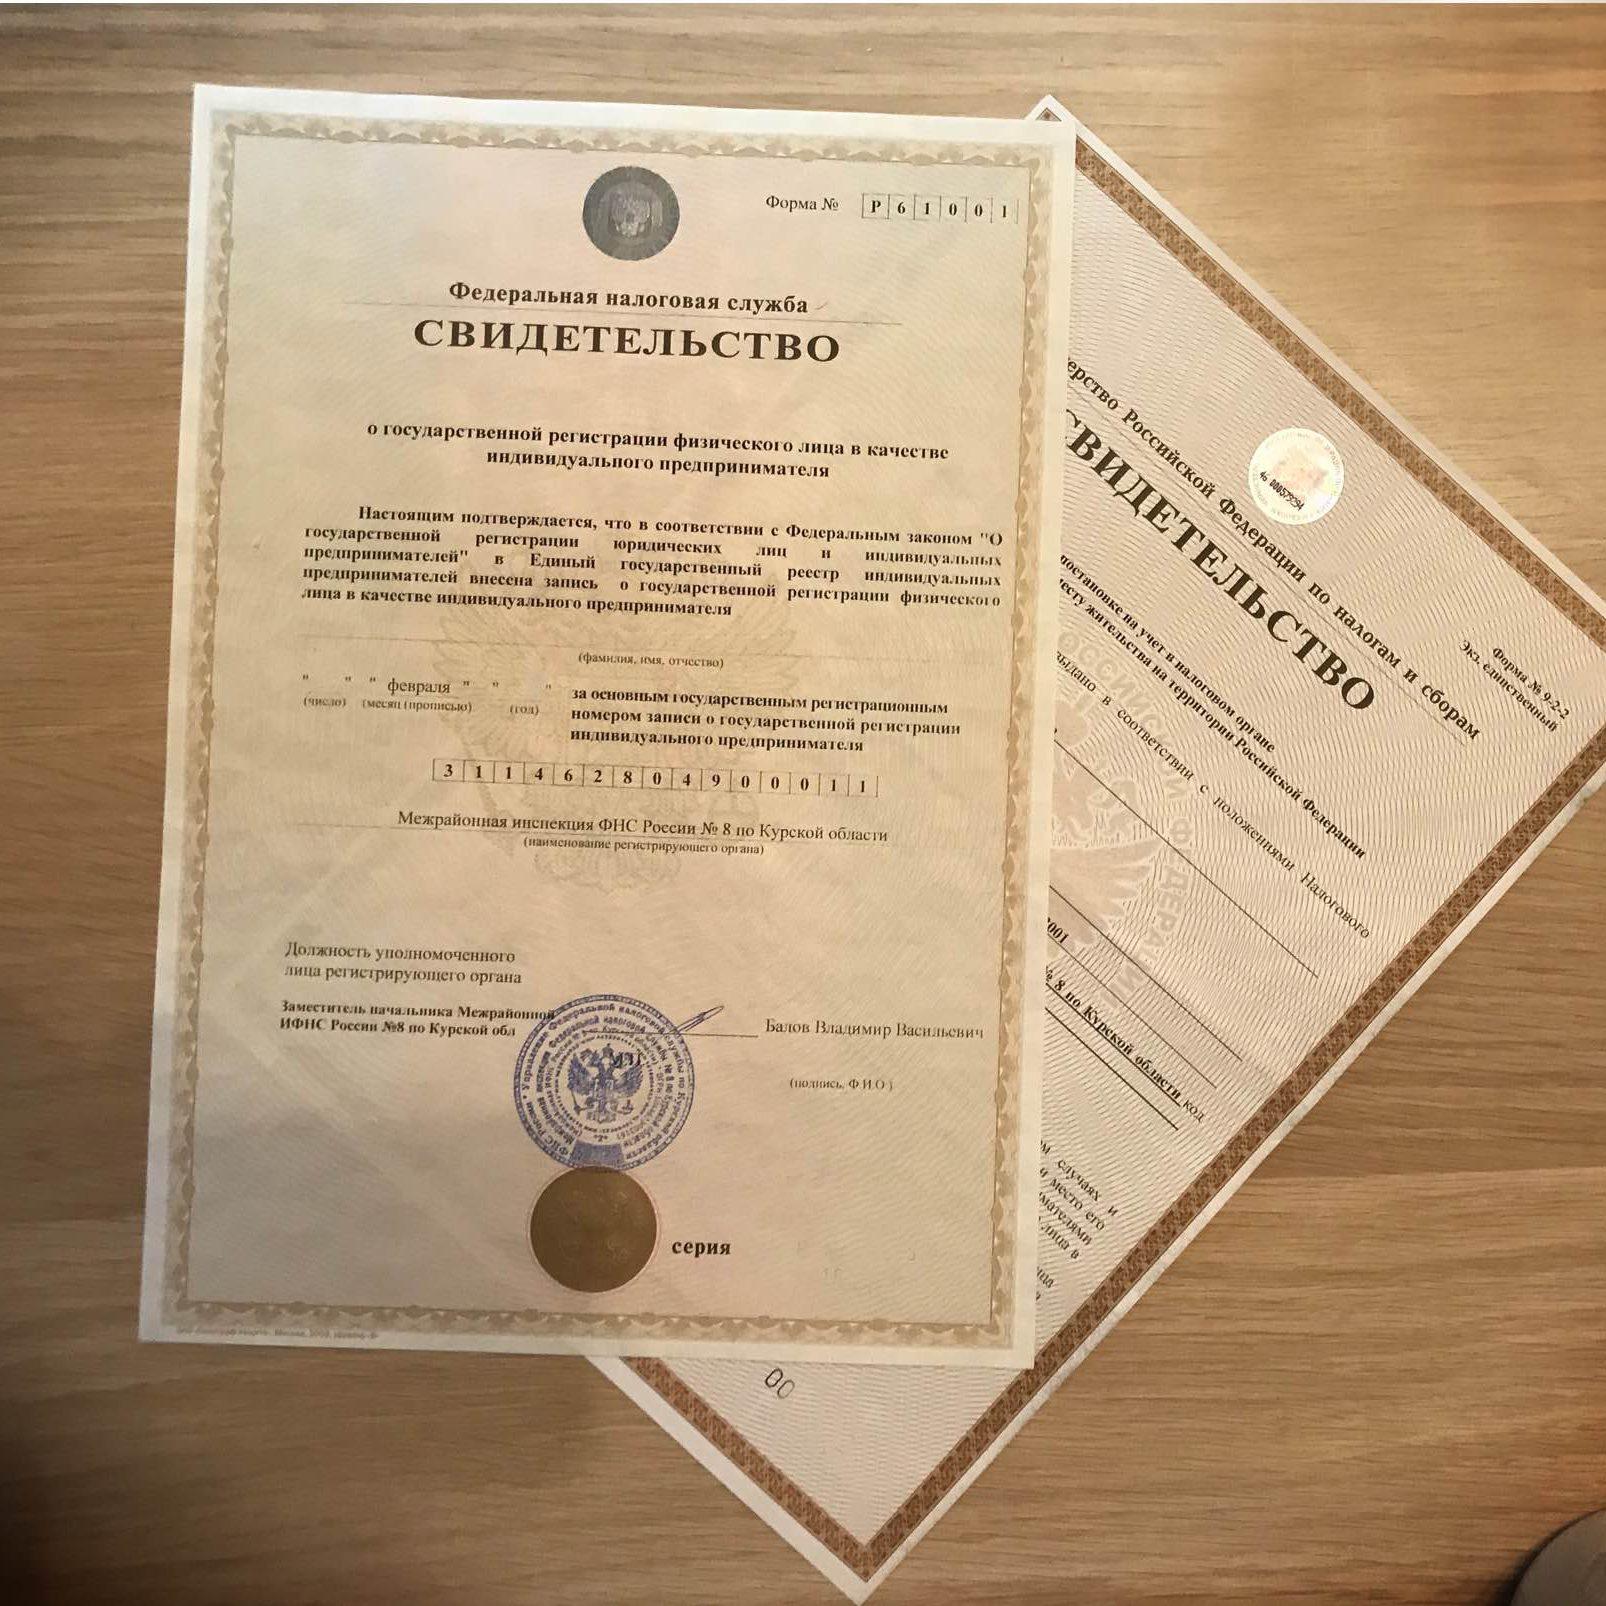 Регистрация ип документ после регистрации штраф декларация ндфл